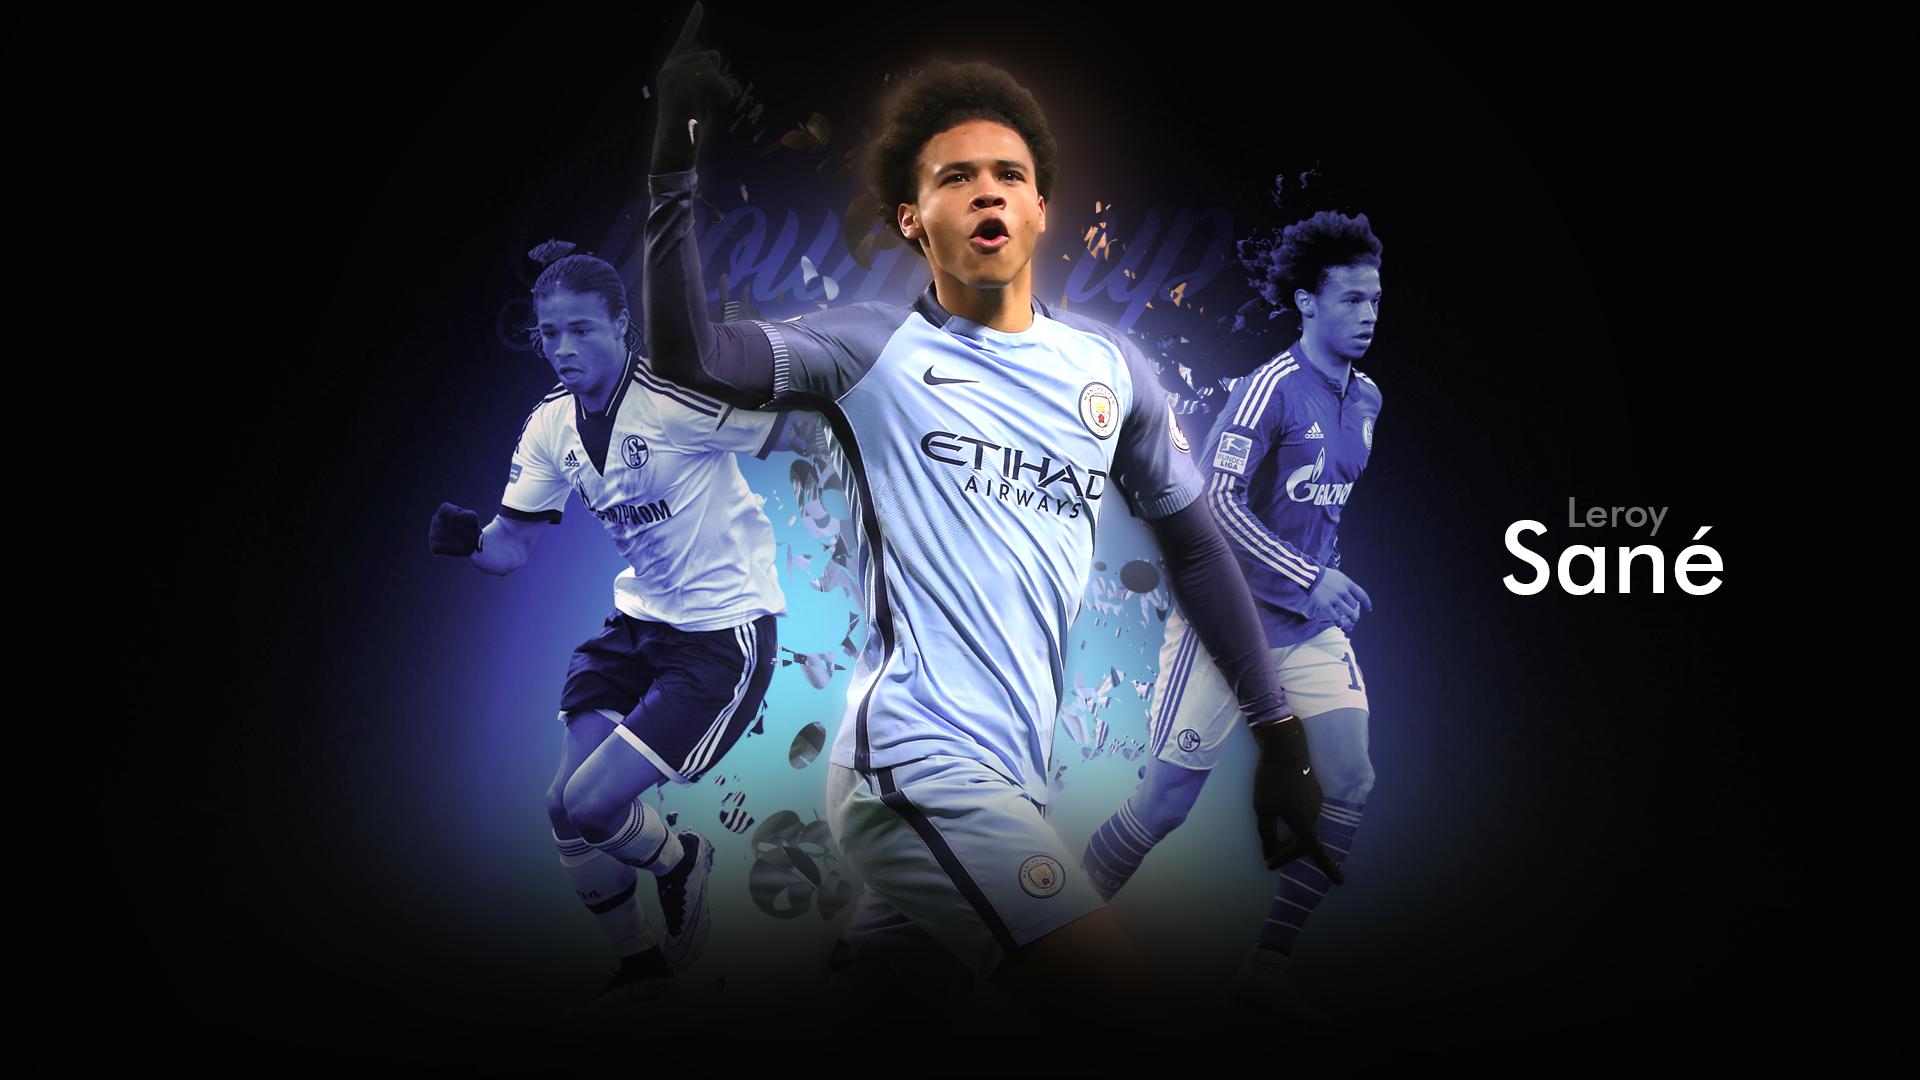 Pin By Wangui Mwaniki On Manchester City